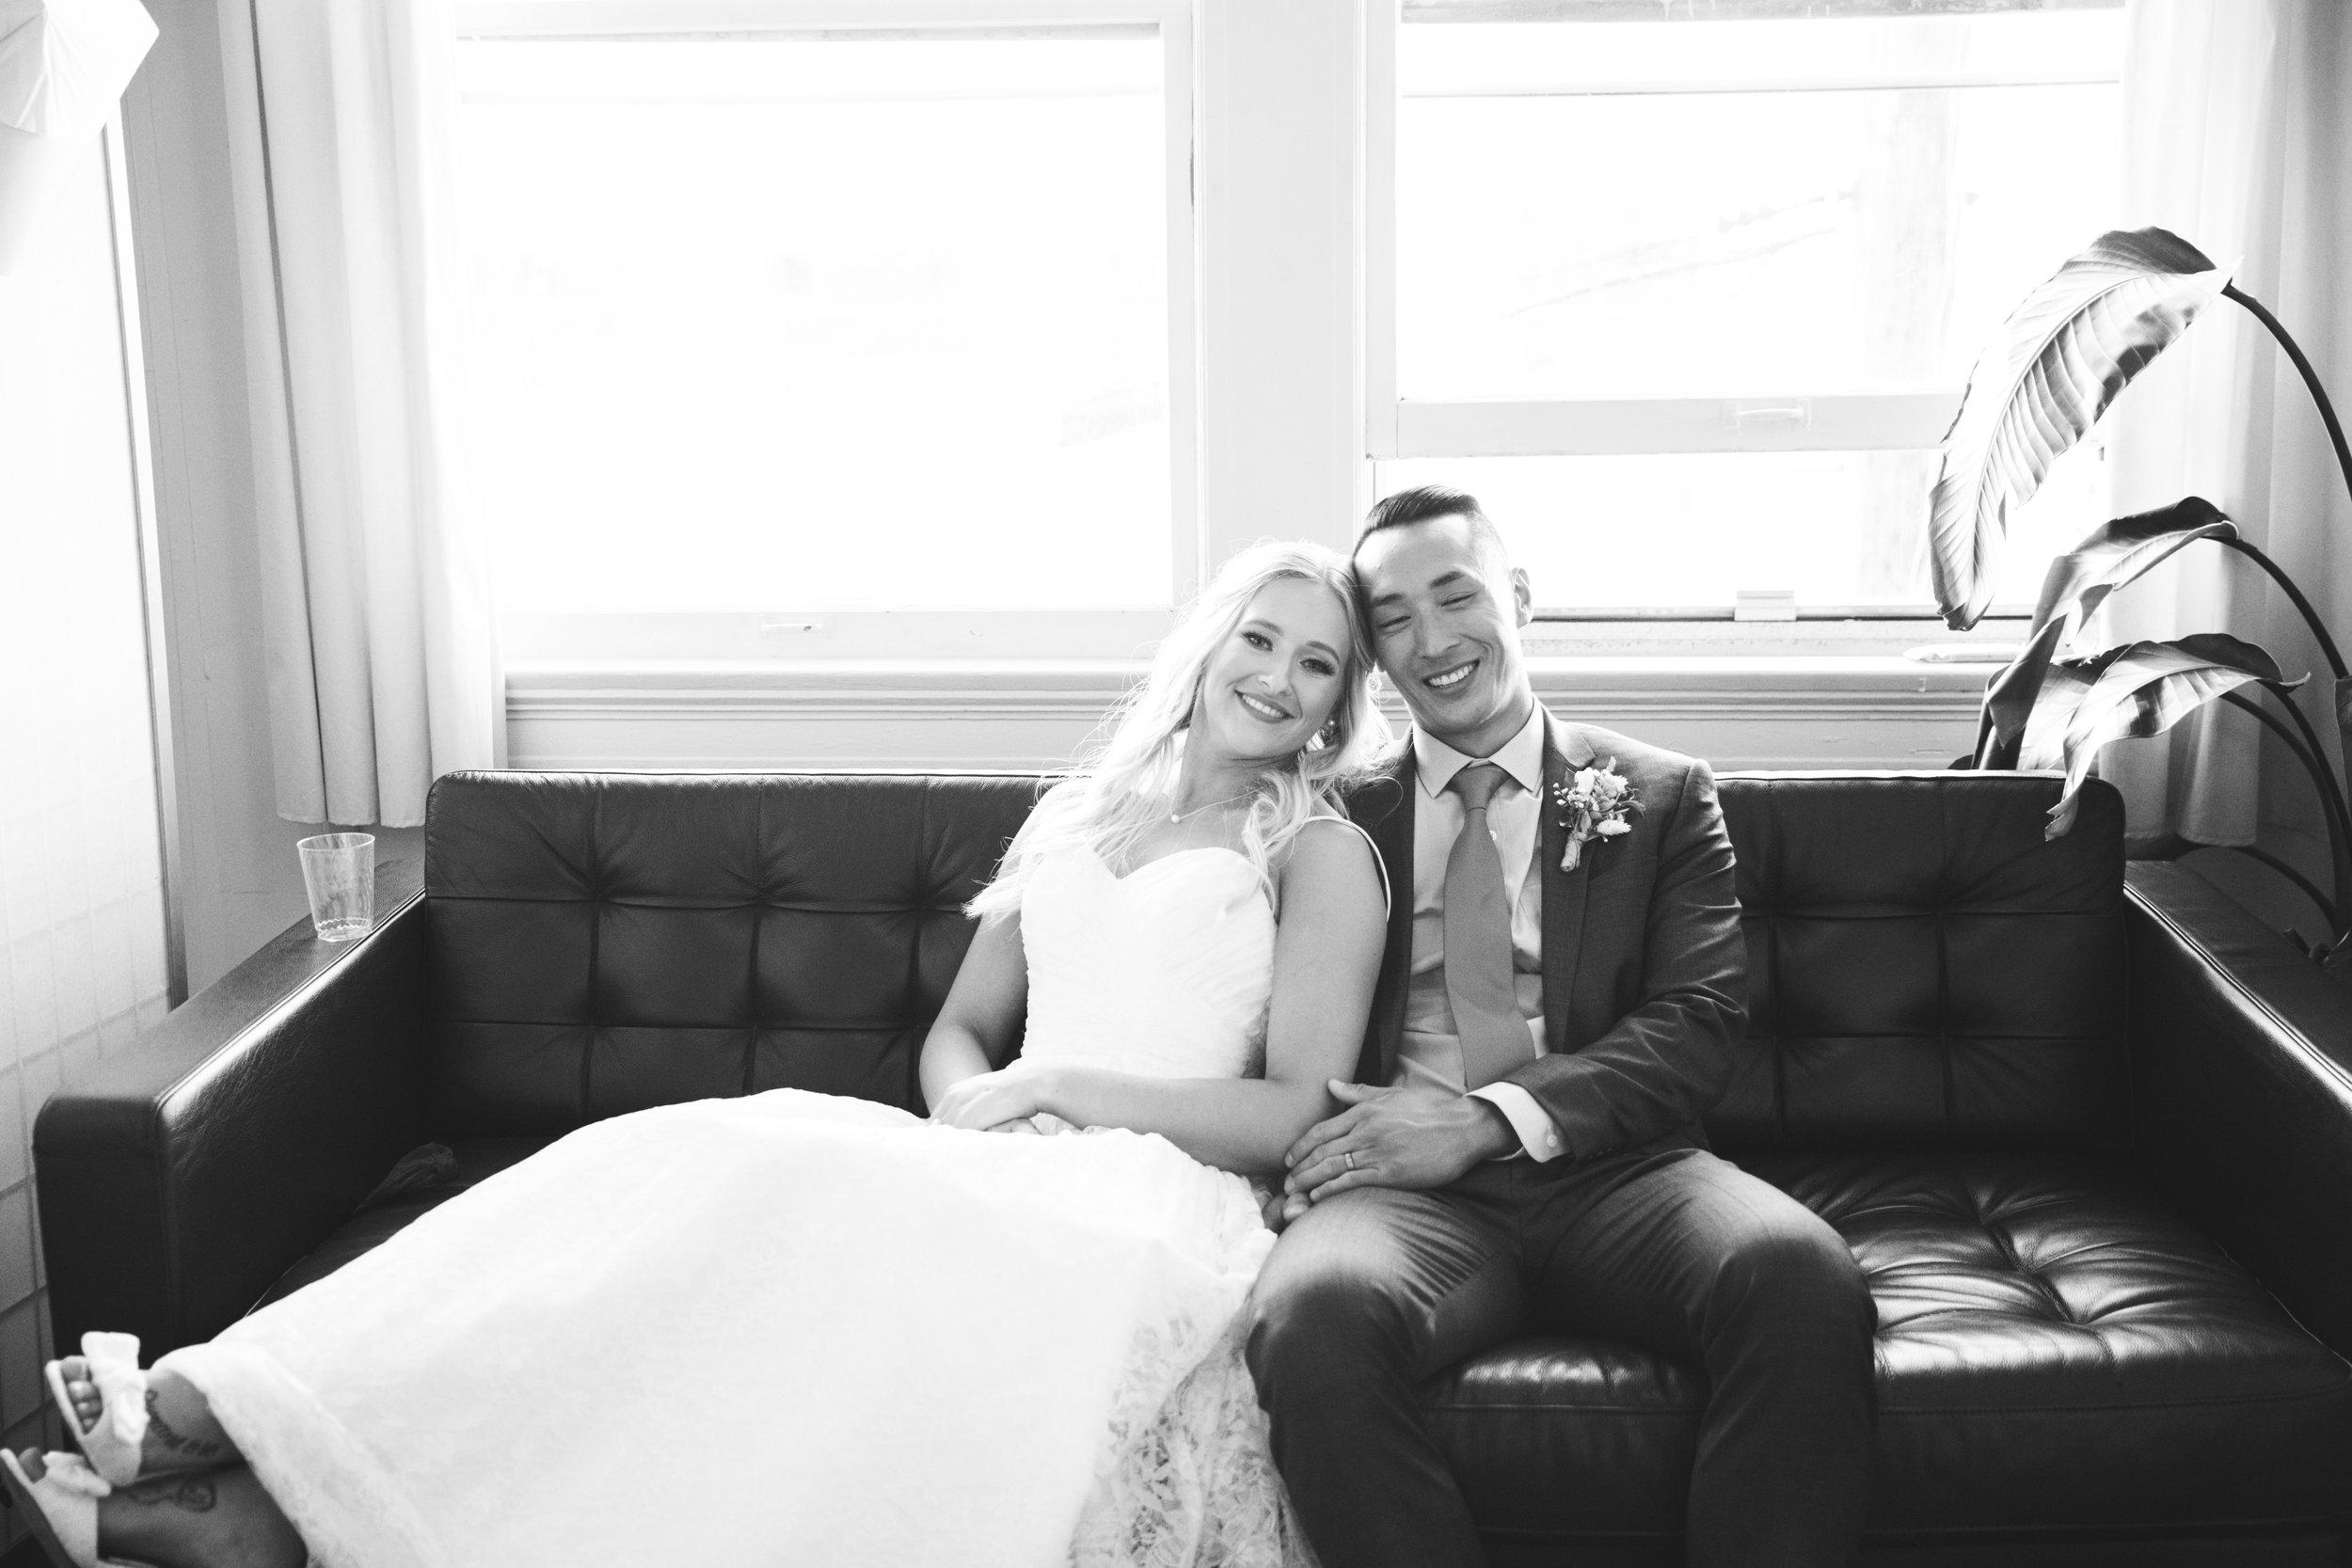 MeganSun_Wedding-377.jpg